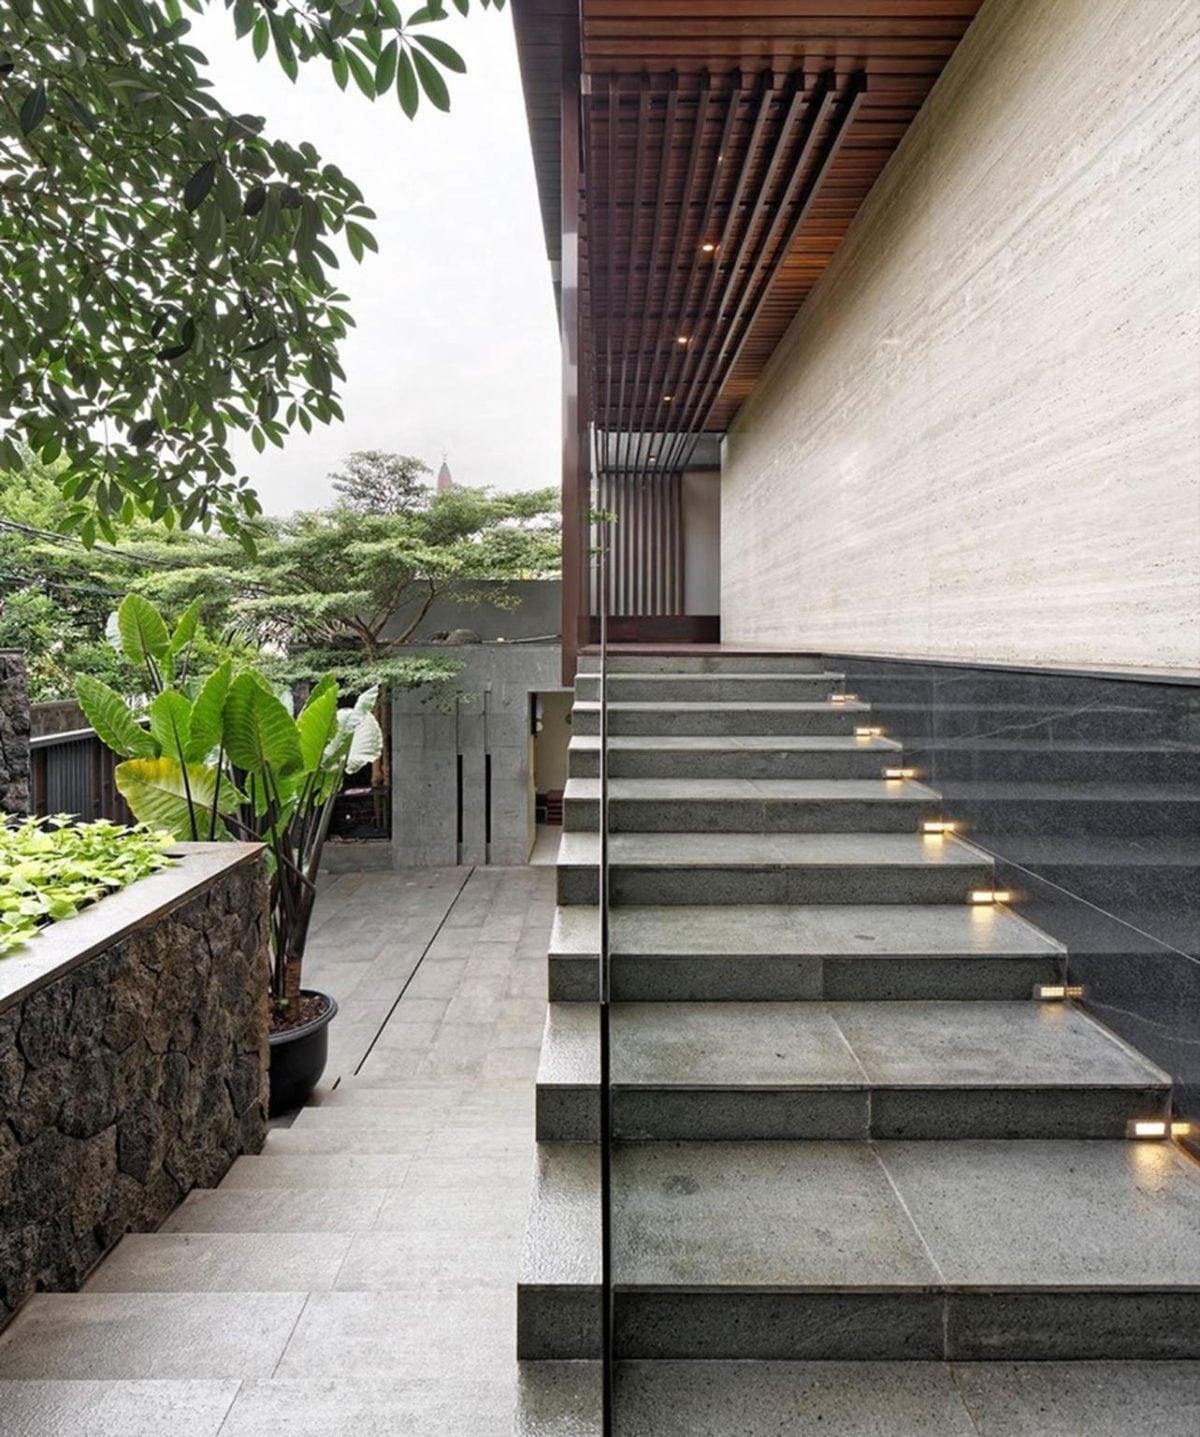 14009 Ben House GP WCS  07.07.2015 ok final emaiL Copy BEN HOUSE: Thiết kế hòa mình vào thiên nhiên qpdesign